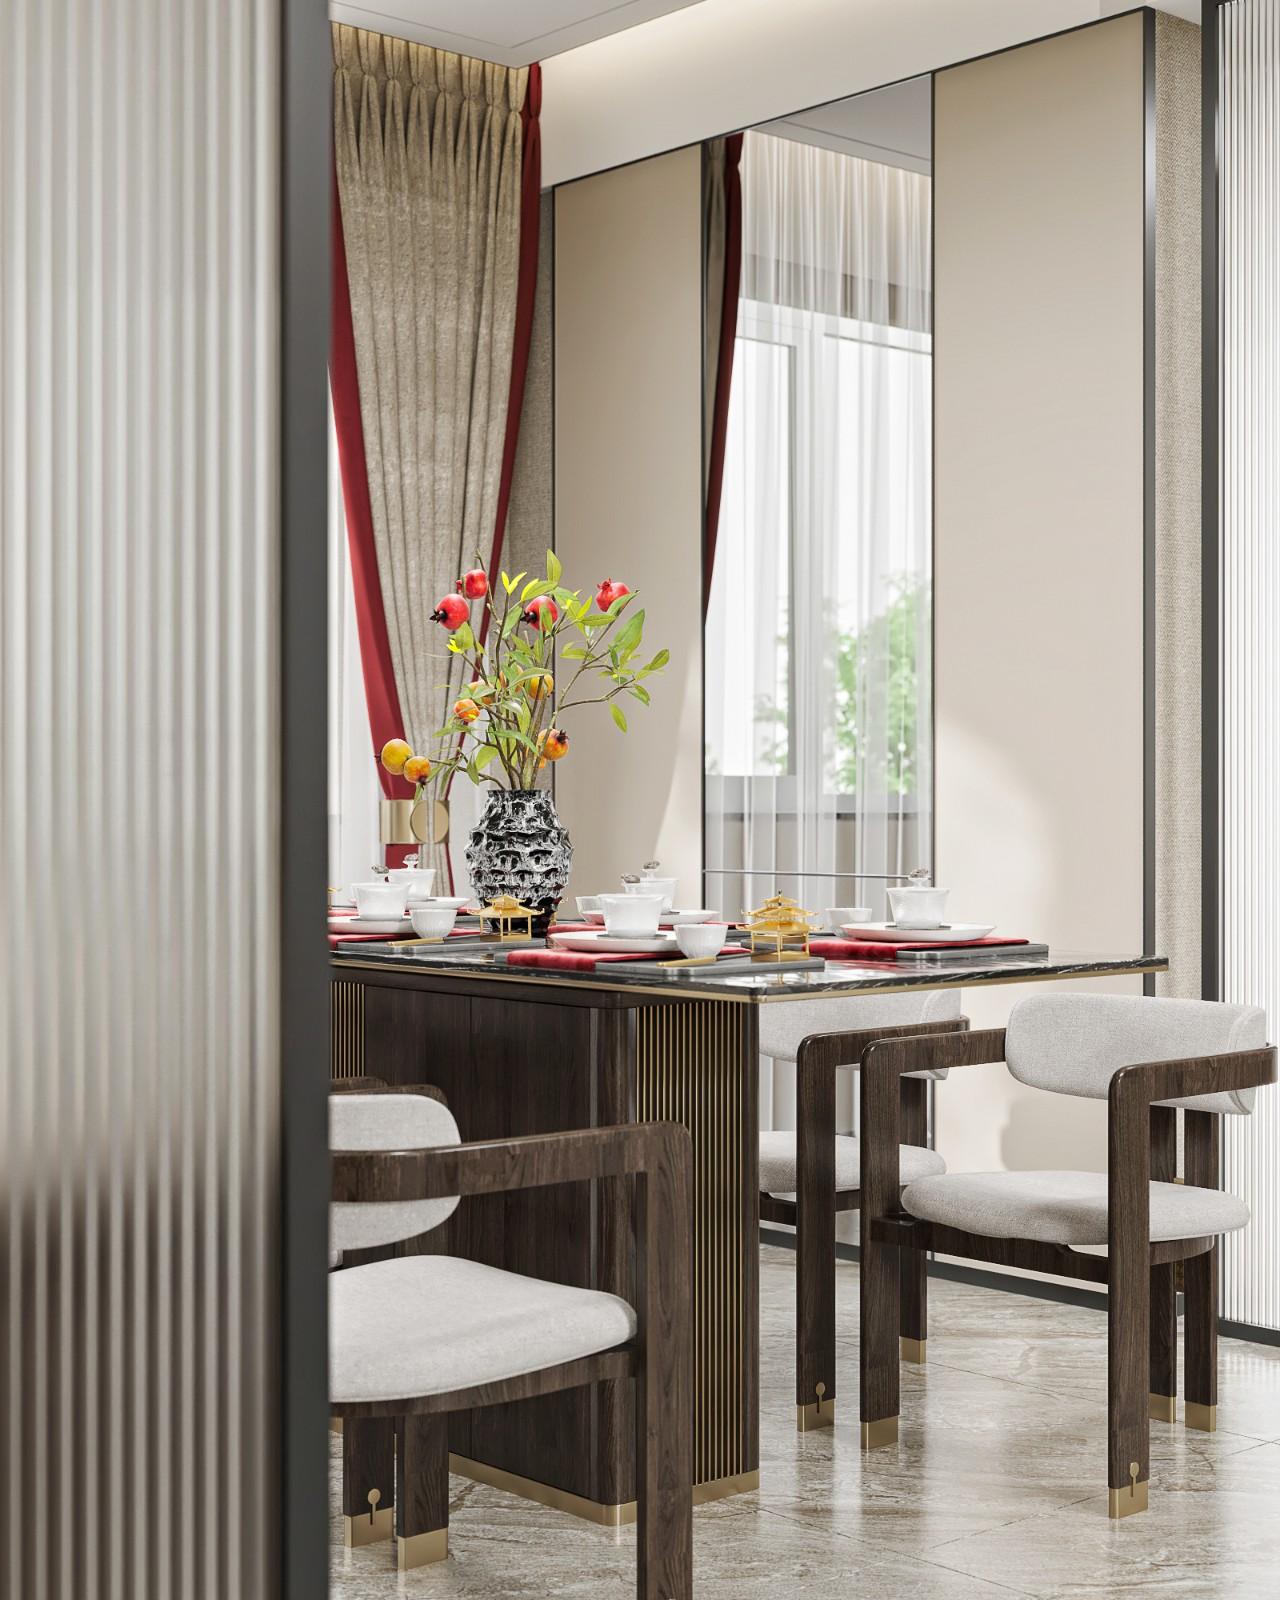 新中式样板间餐厅装修效果图